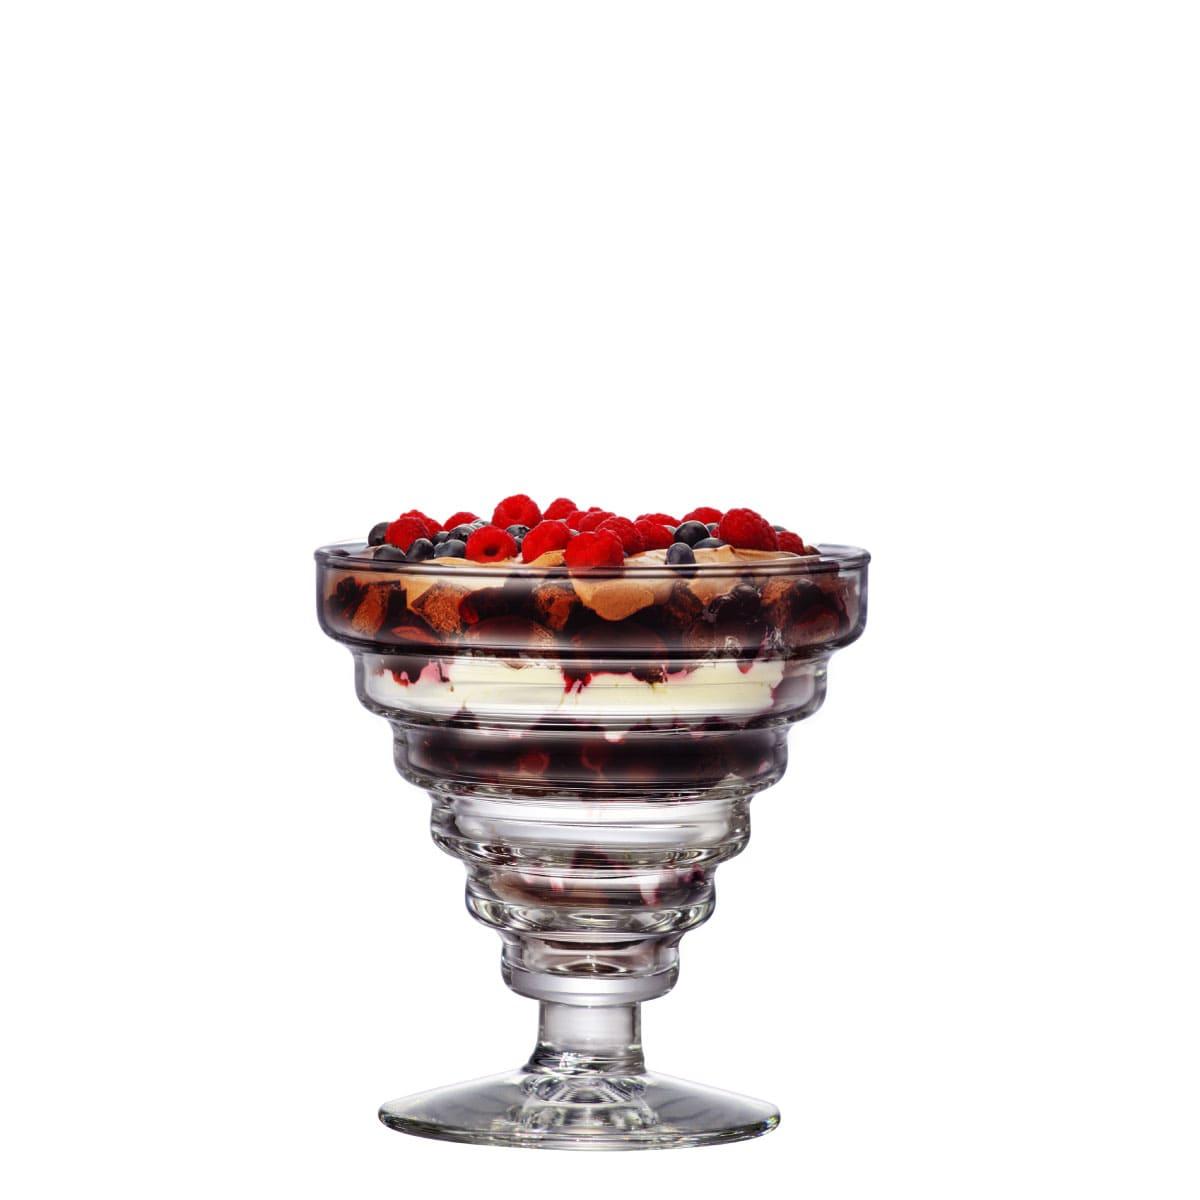 Taça de Vidro Etore 350ml (Caixa com 24 unidades)